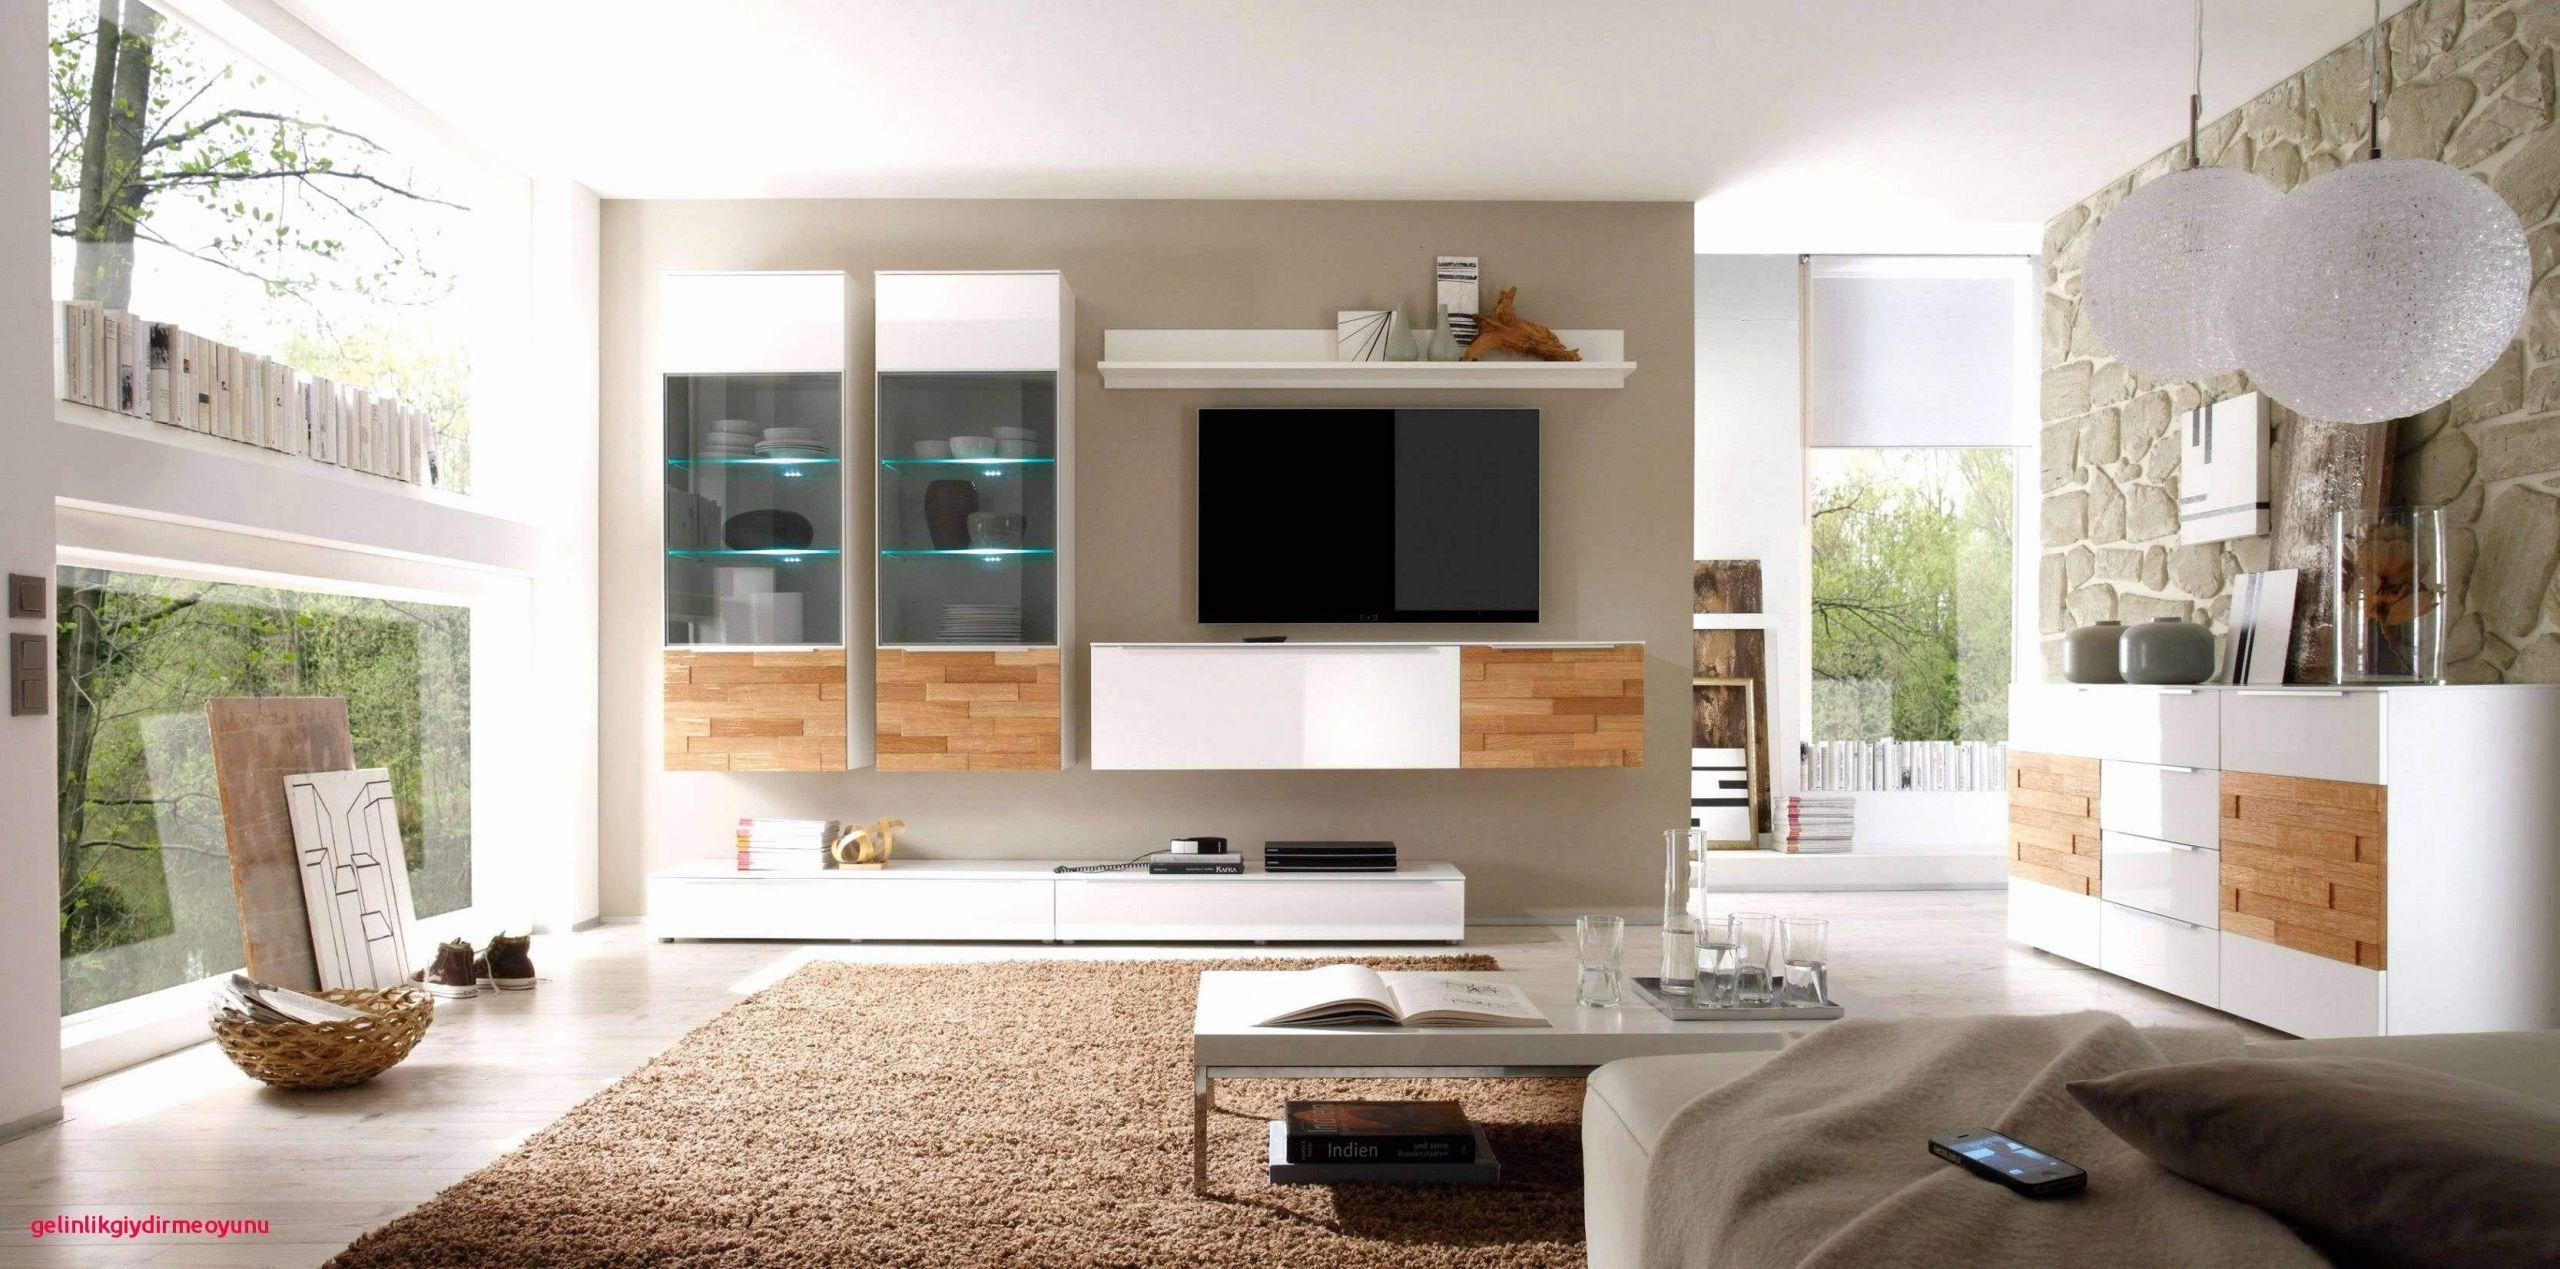 deko wohnzimmer das beste von deko ideen wohnzimmer holz schon of deko wohnzimmer scaled